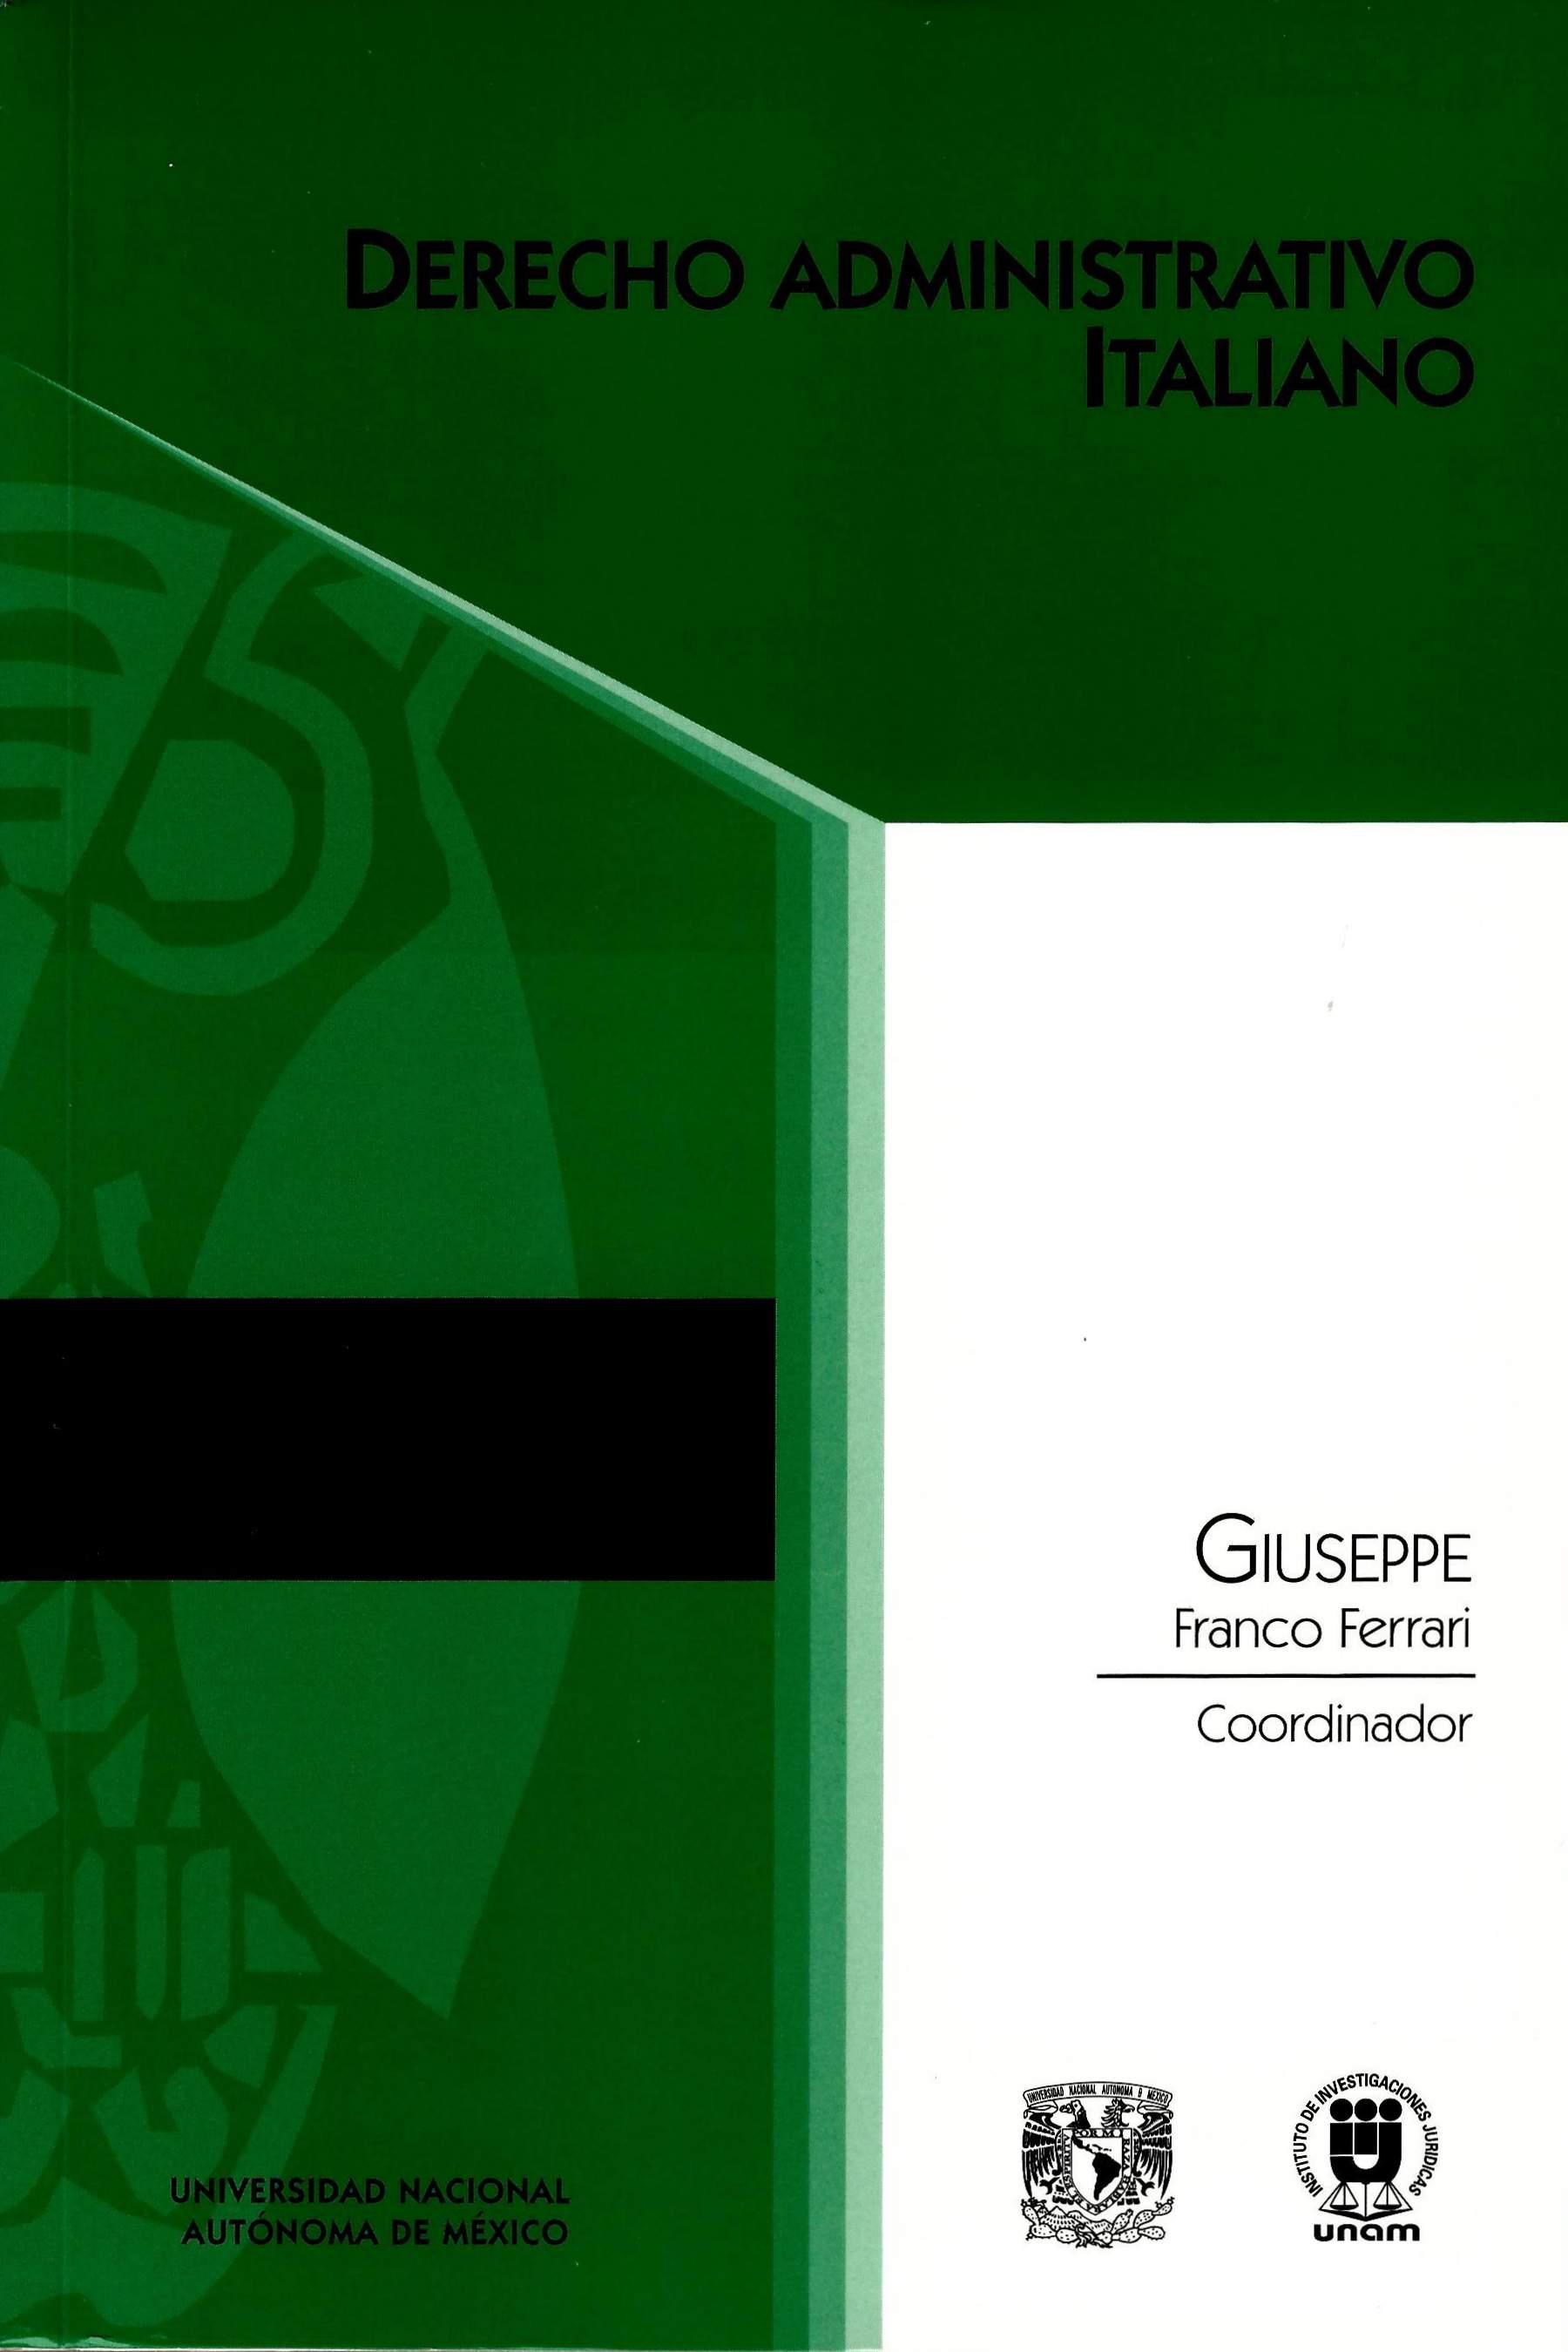 Derecho administrativo italiano